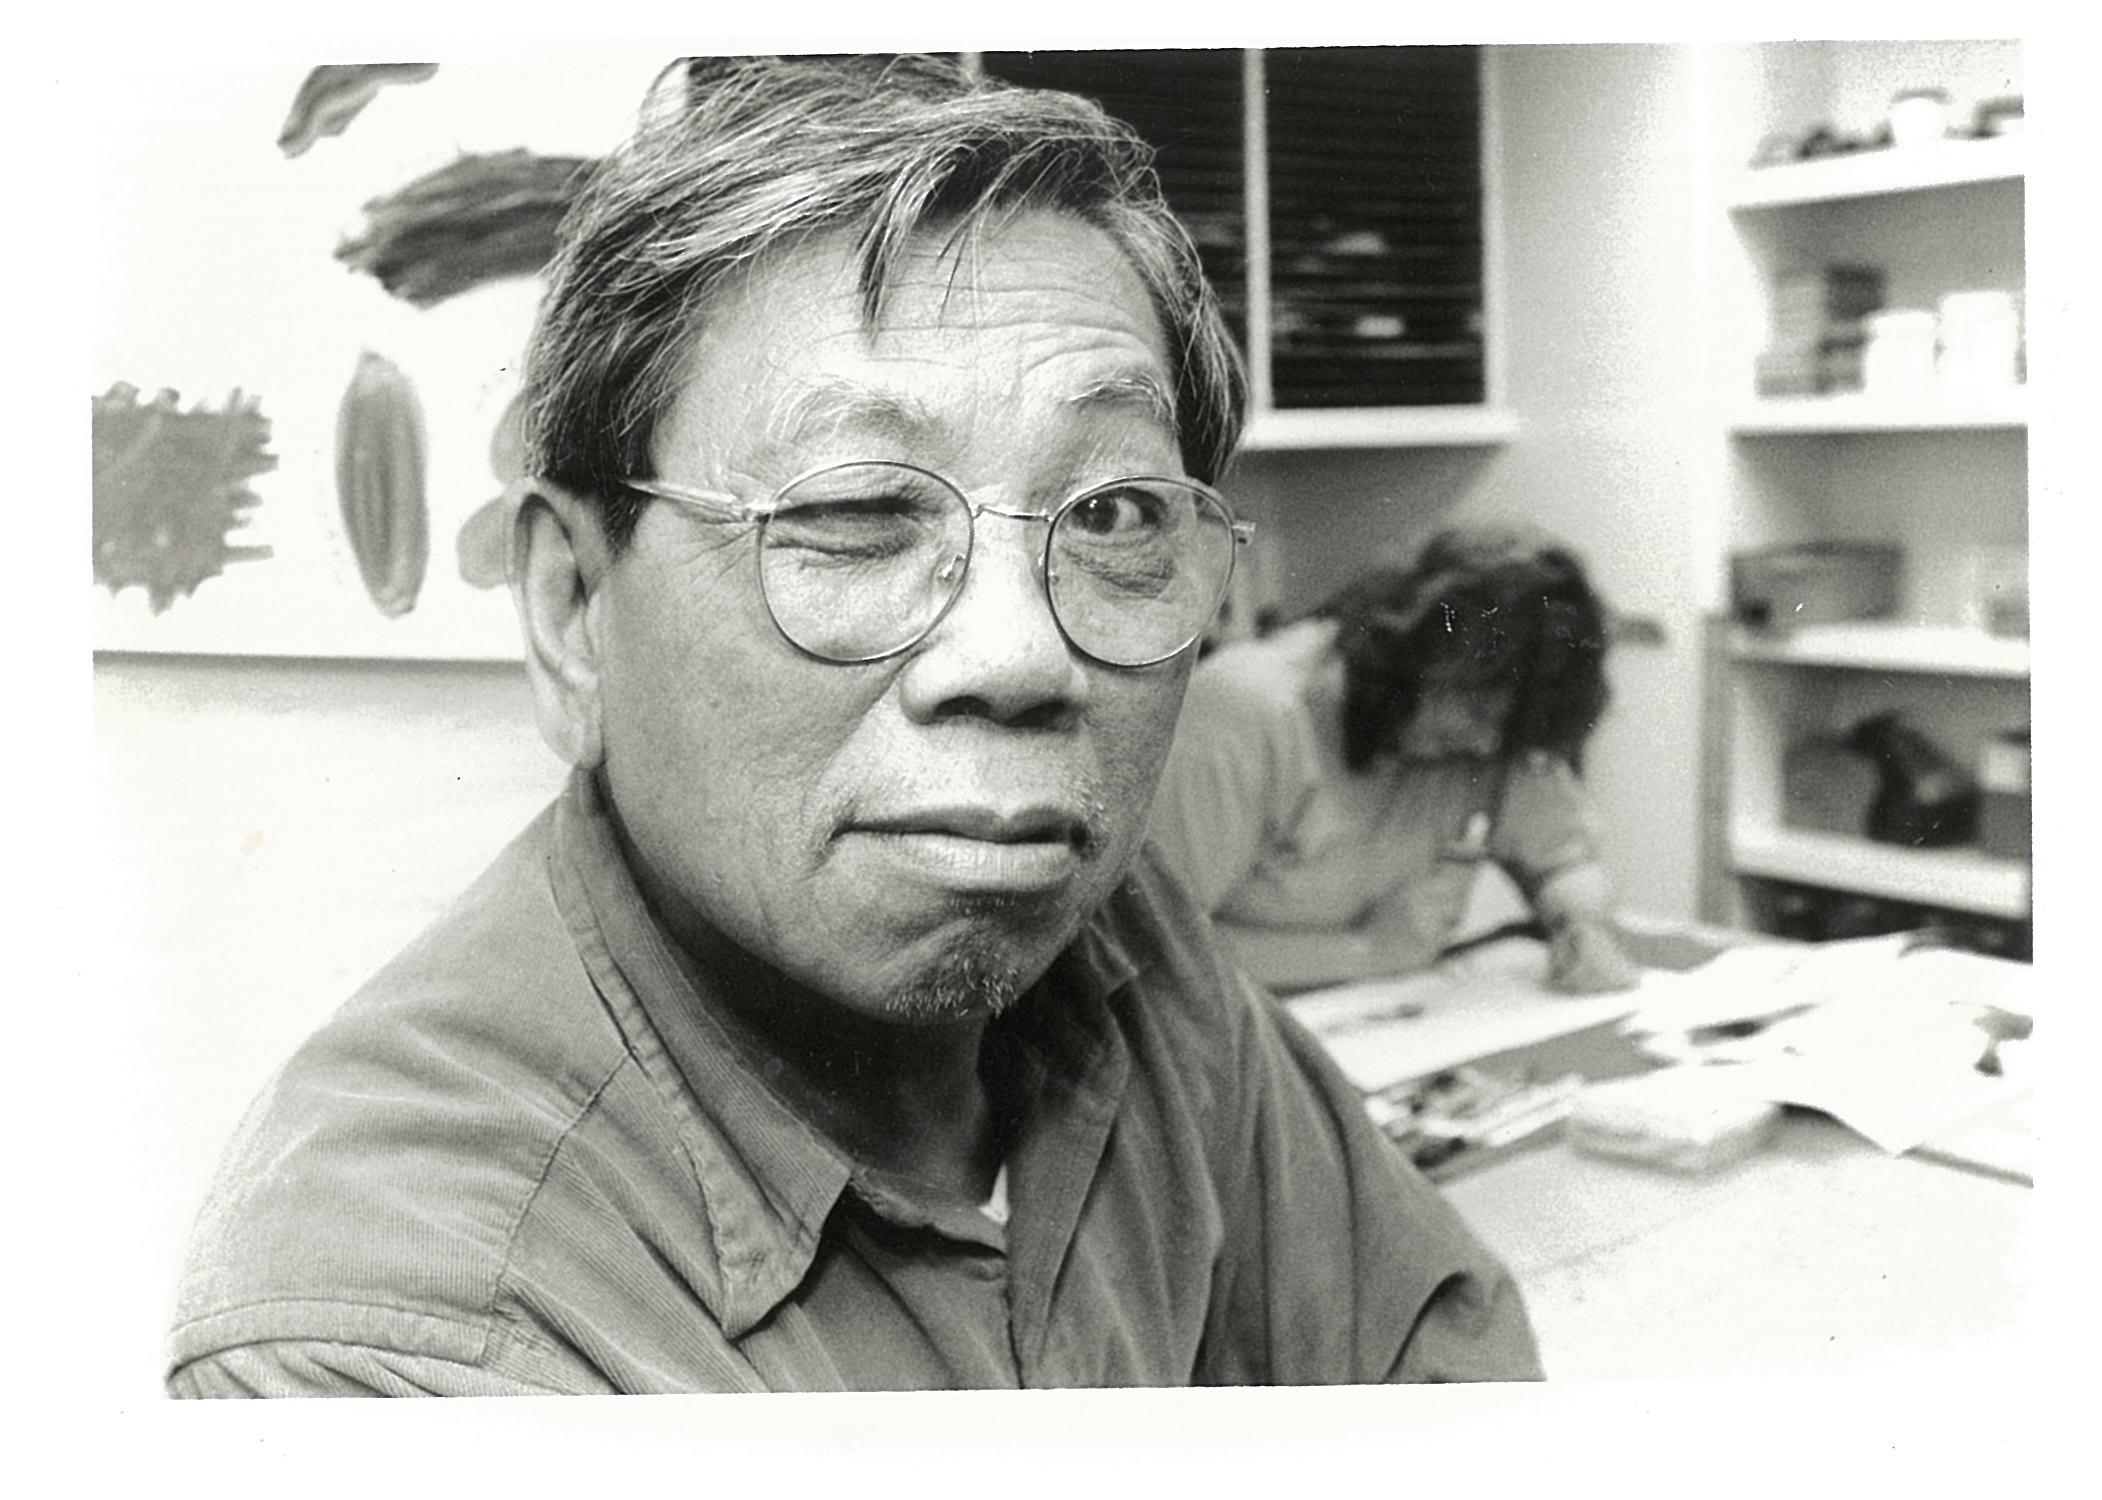 Chen Lok Lee wearing glasses